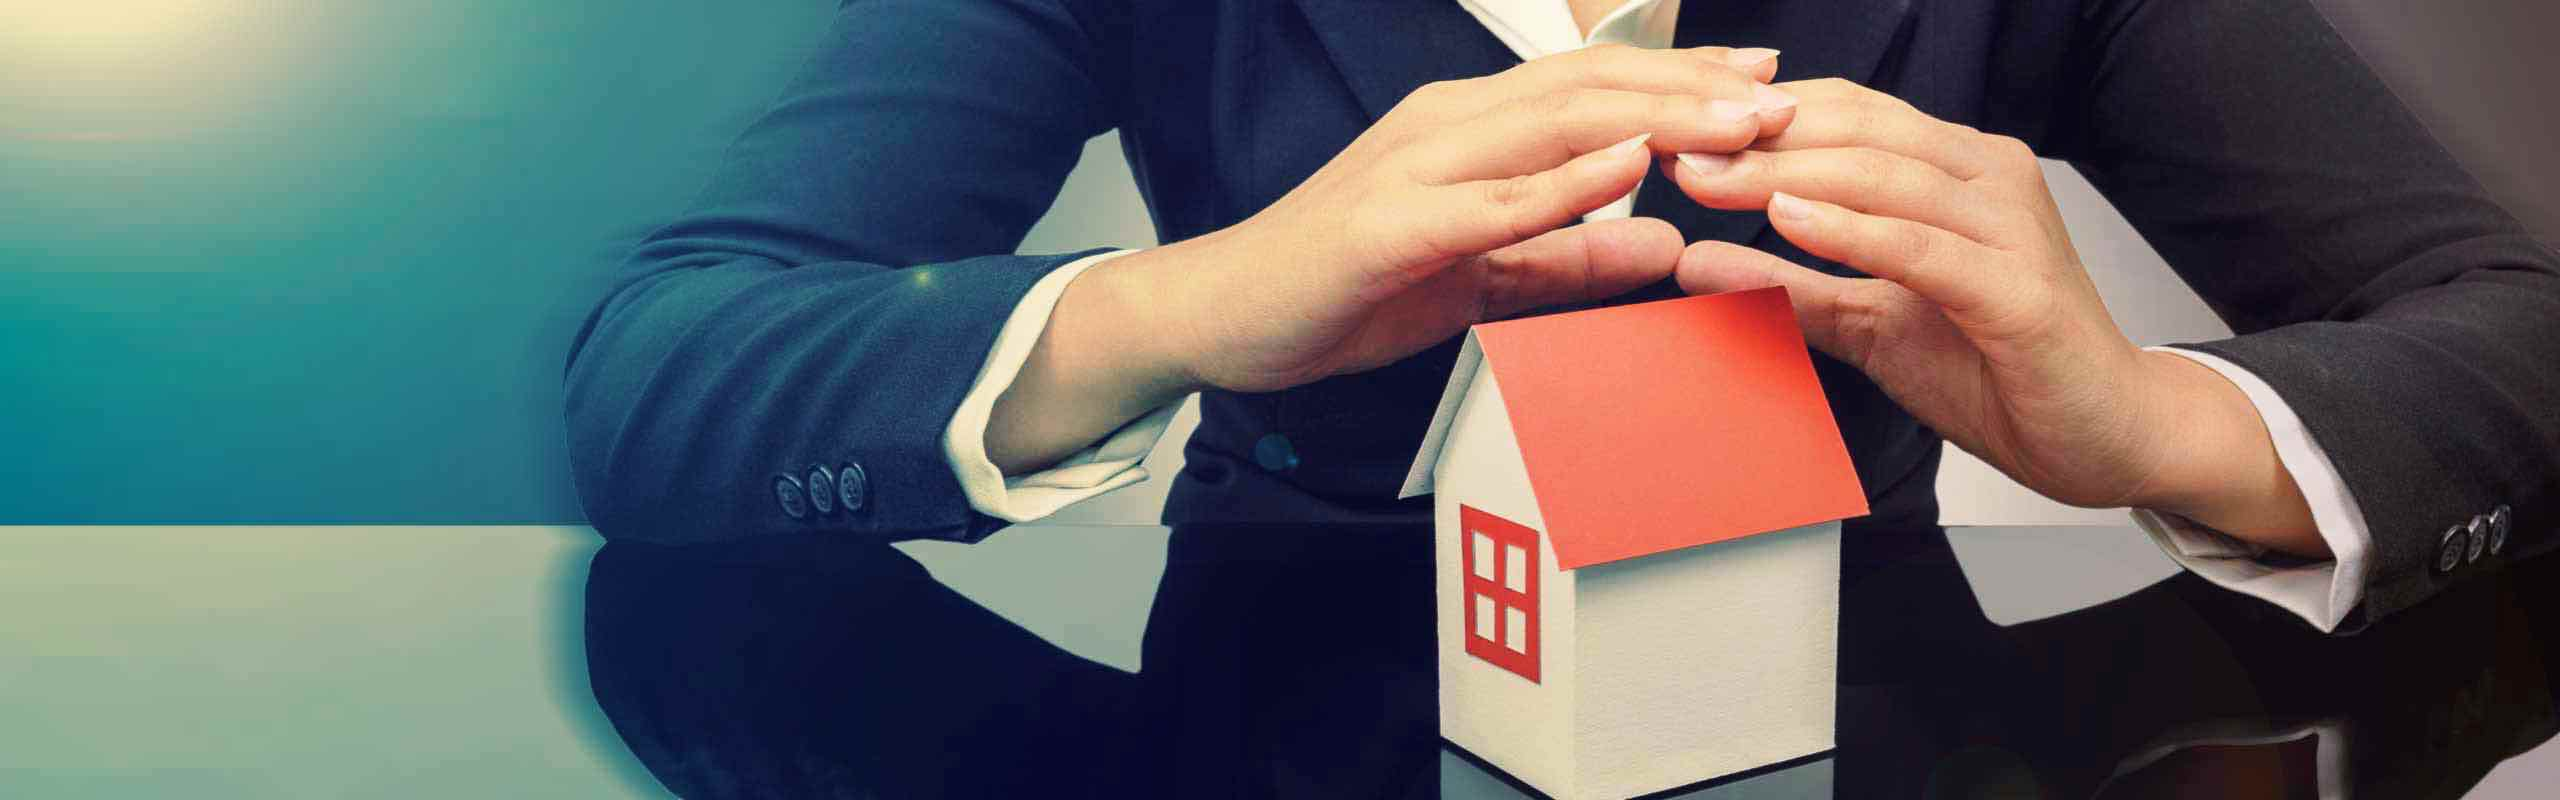 Assurer et prot ger un appartement une maison cr dit mutuel for Assurance maison quebec